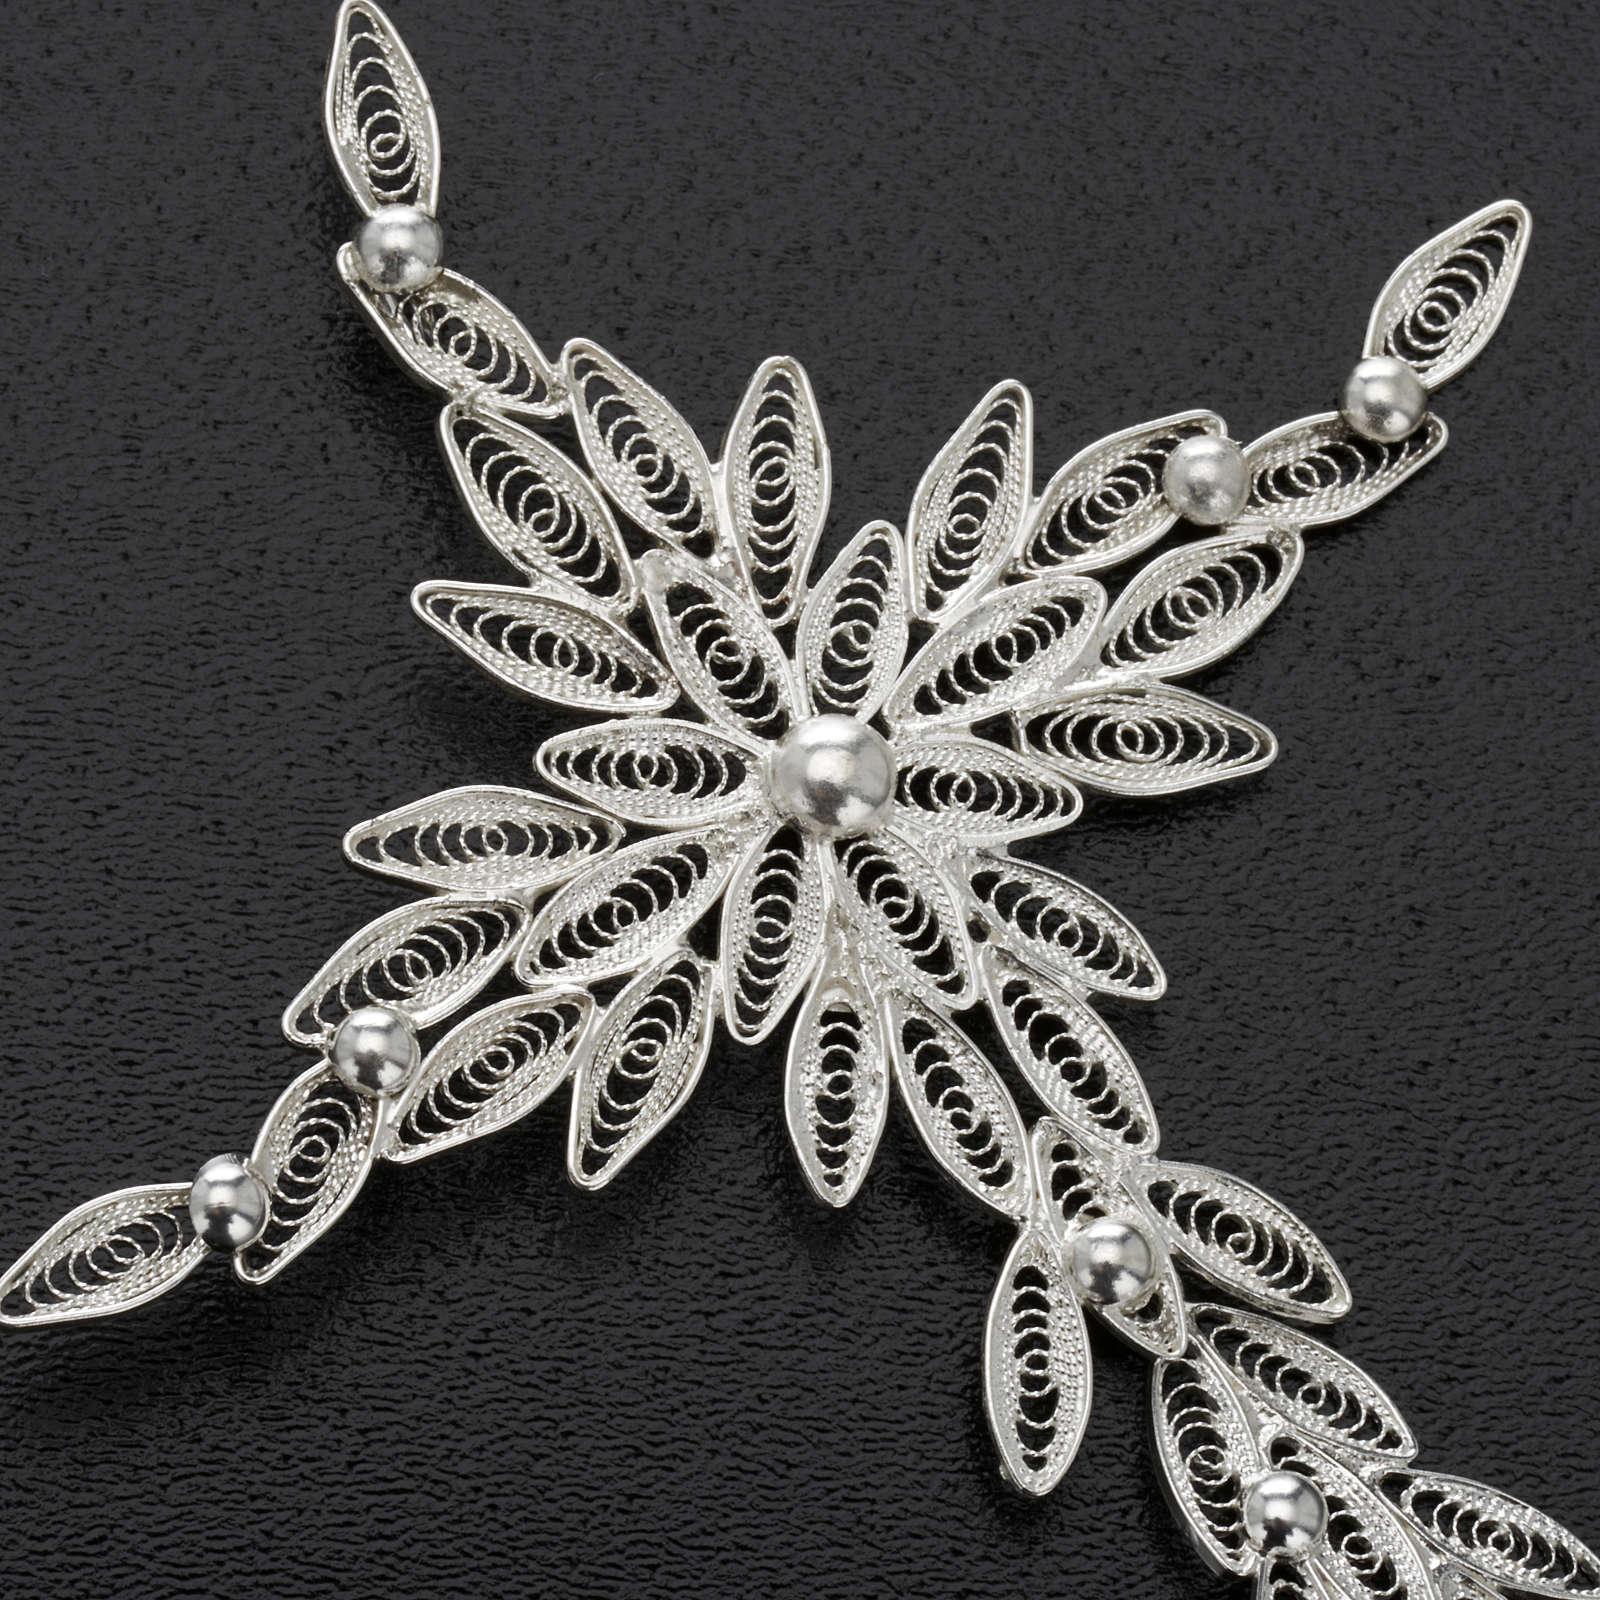 Pingente cruz estilizada filigrana prata 800 5,9 g 4